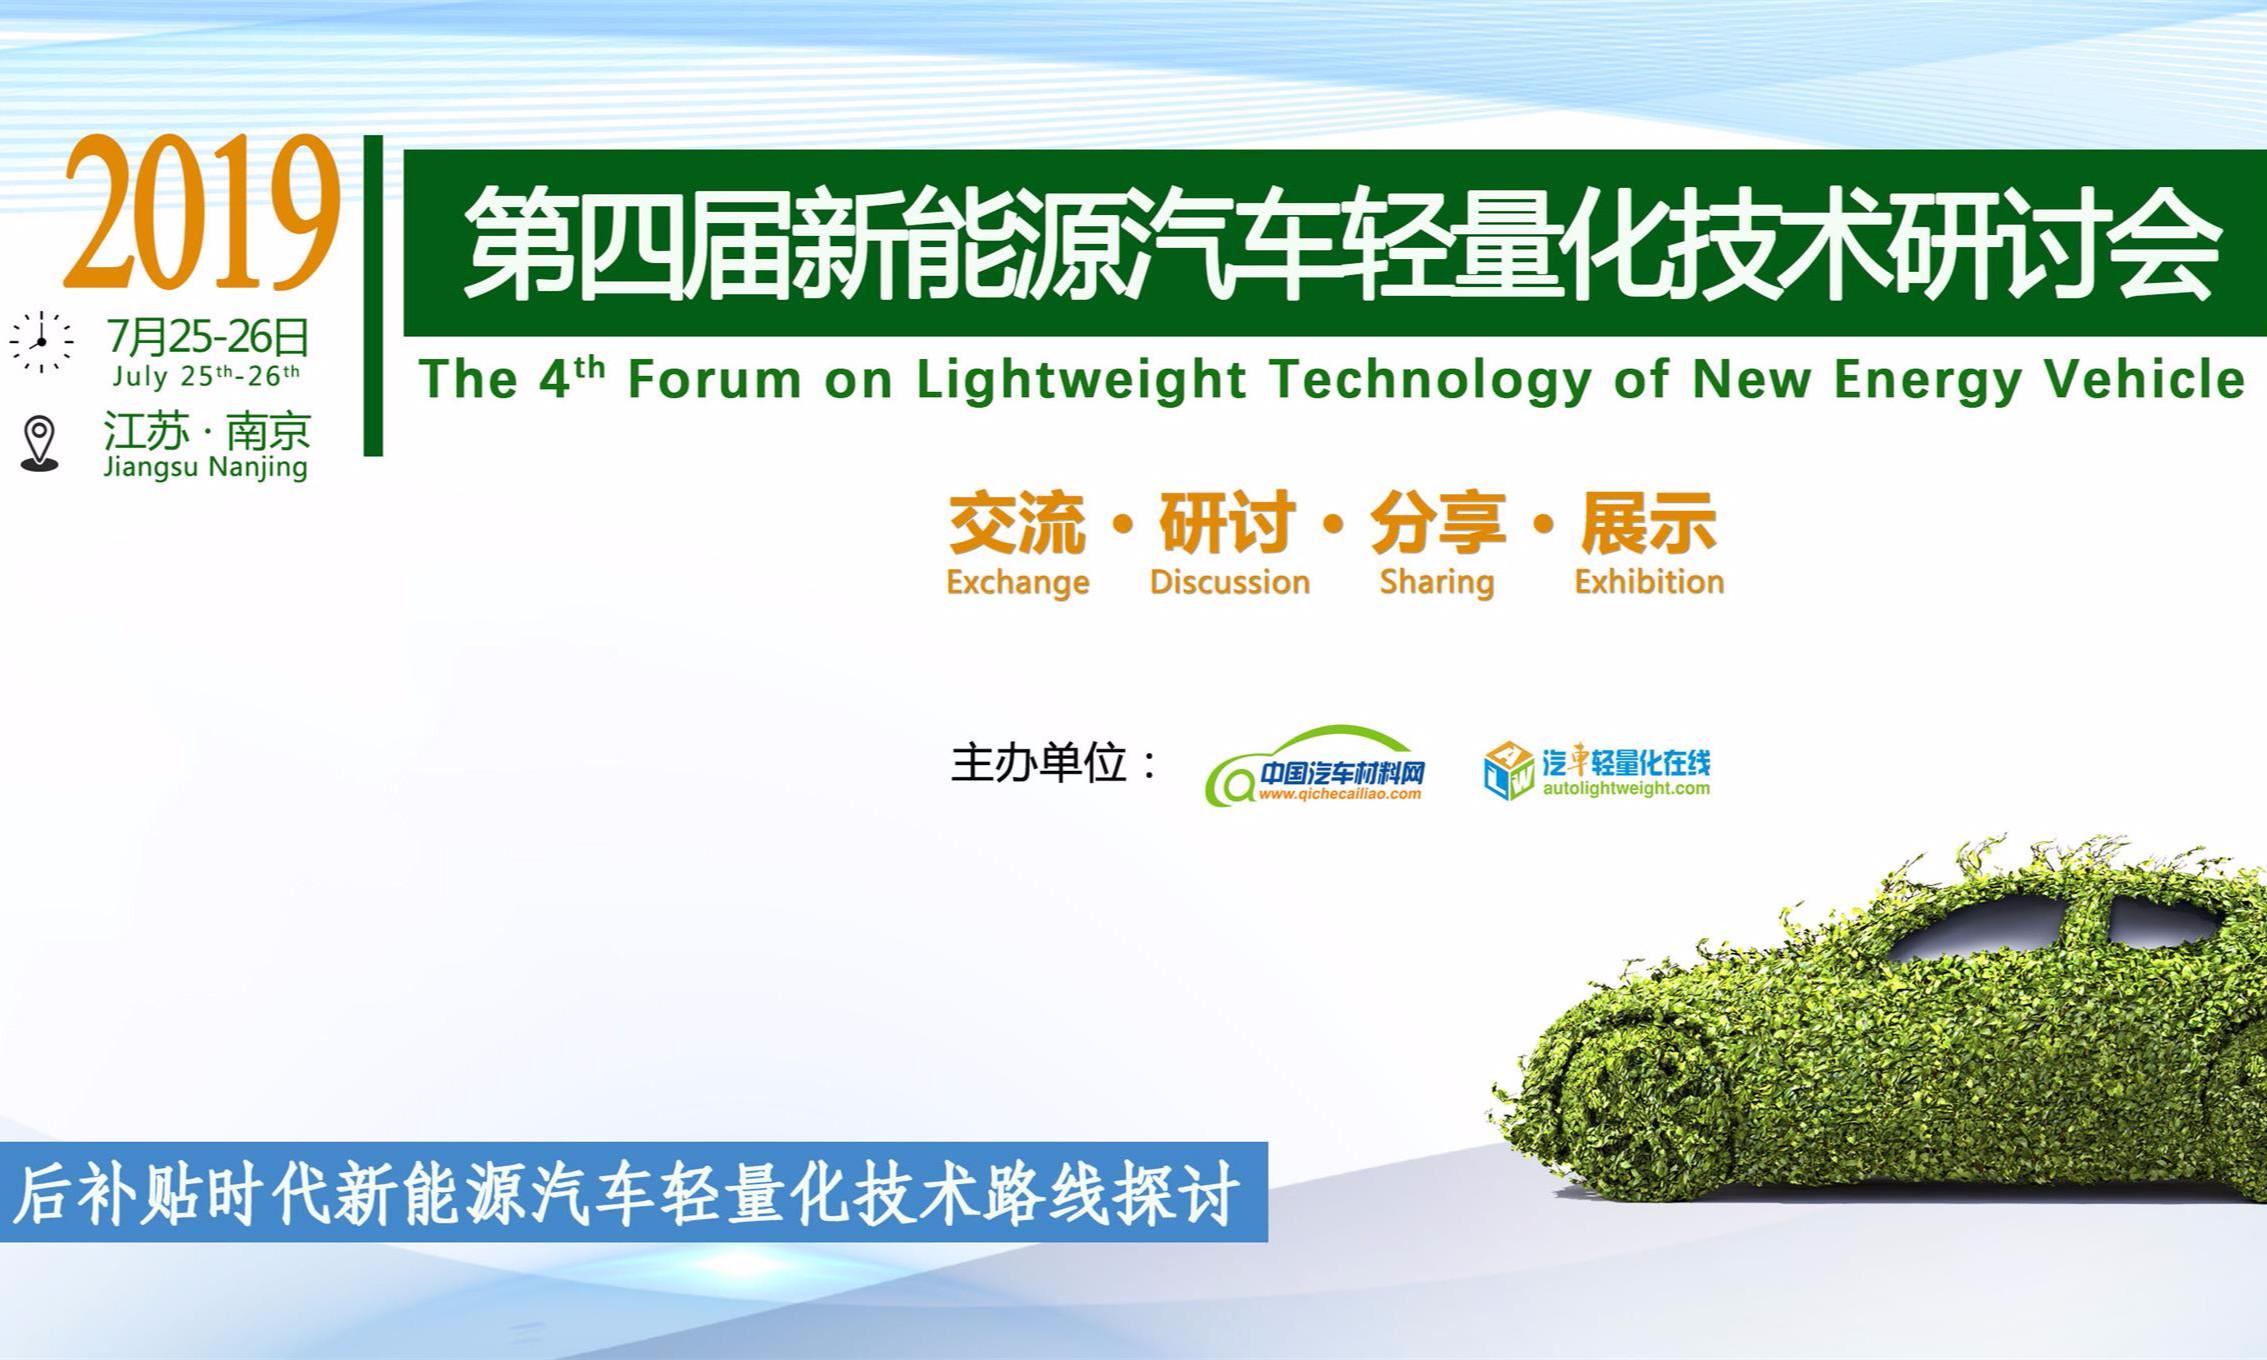 2019(第四届)新能源汽车轻量化技术研讨会|南京